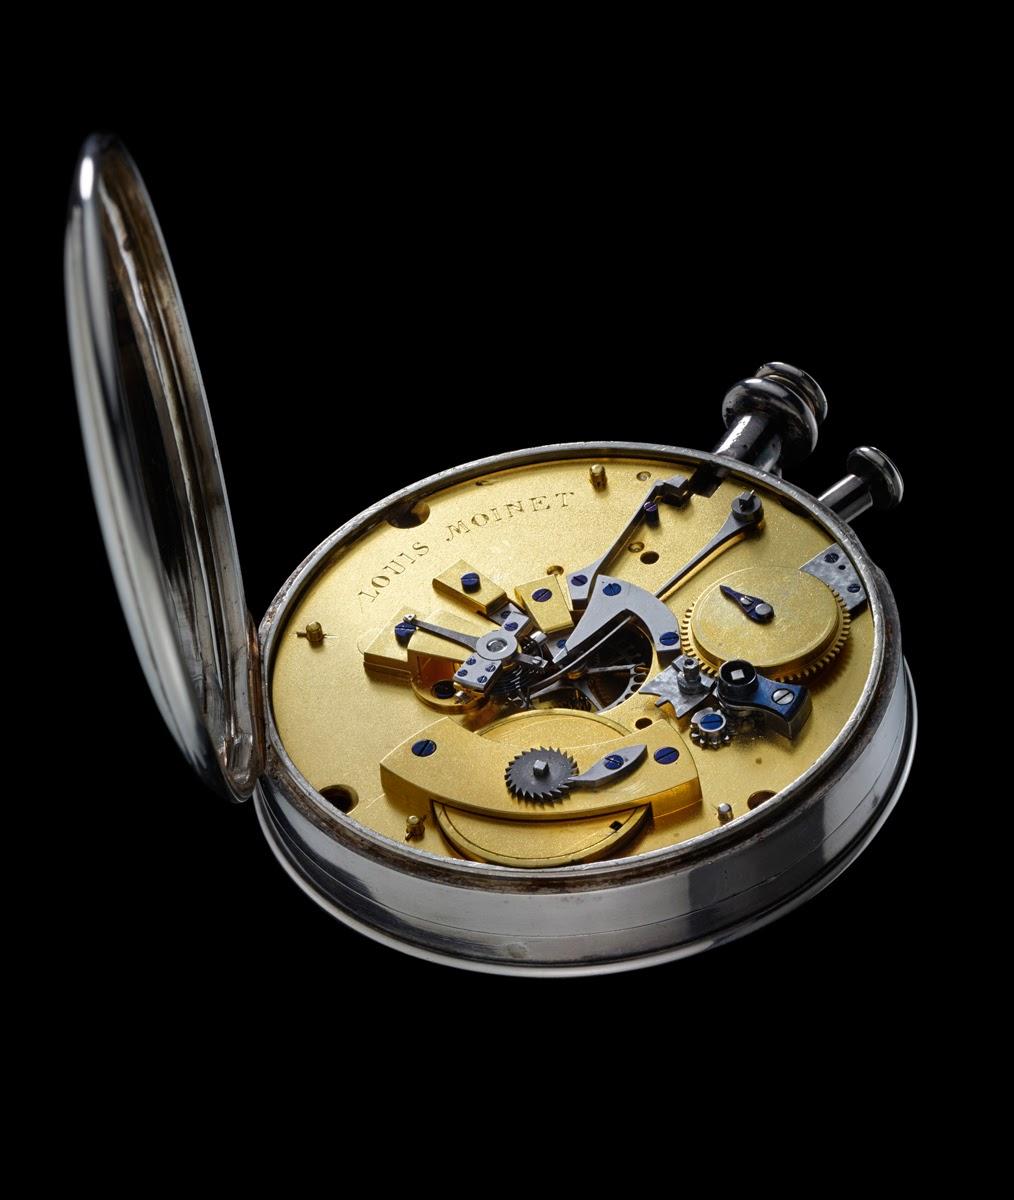 Louis Moinet debajo del reloj9